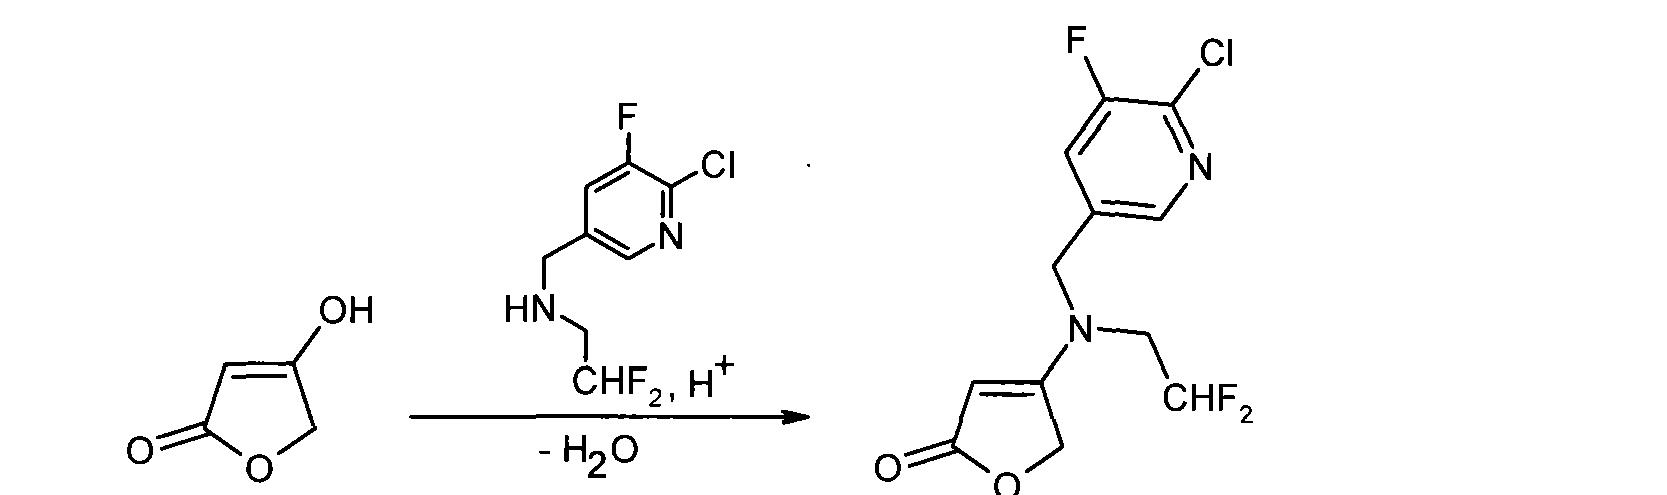 Figure CN102321081BD00151